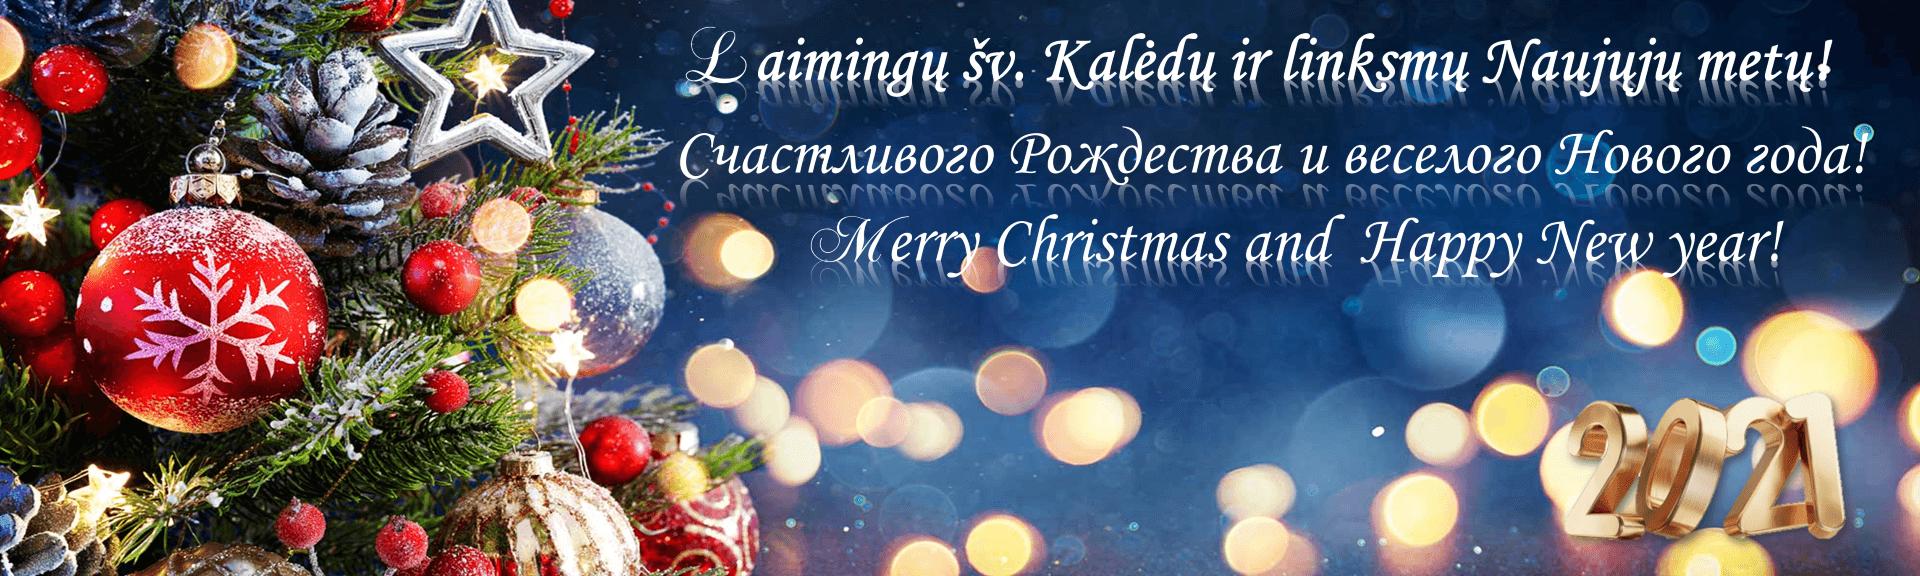 Laimingų šv. Kalėdų ir linksmų Naujųjų metų!